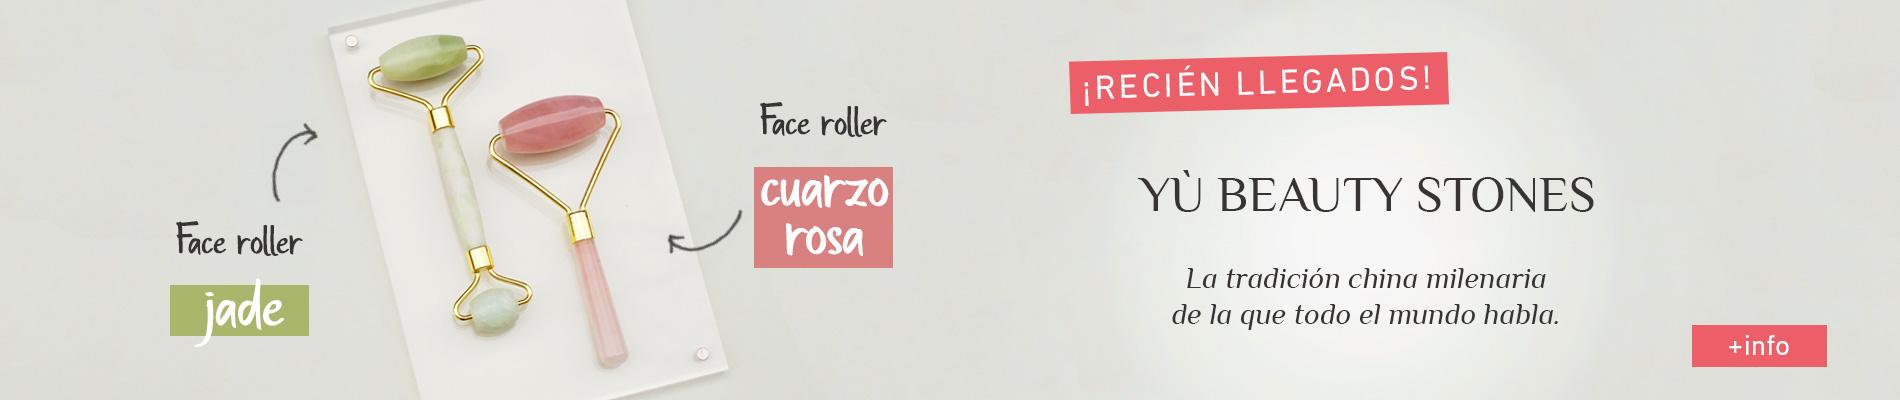 Bienvenidos---Face-rollers-YÙ-Beauty-Stones